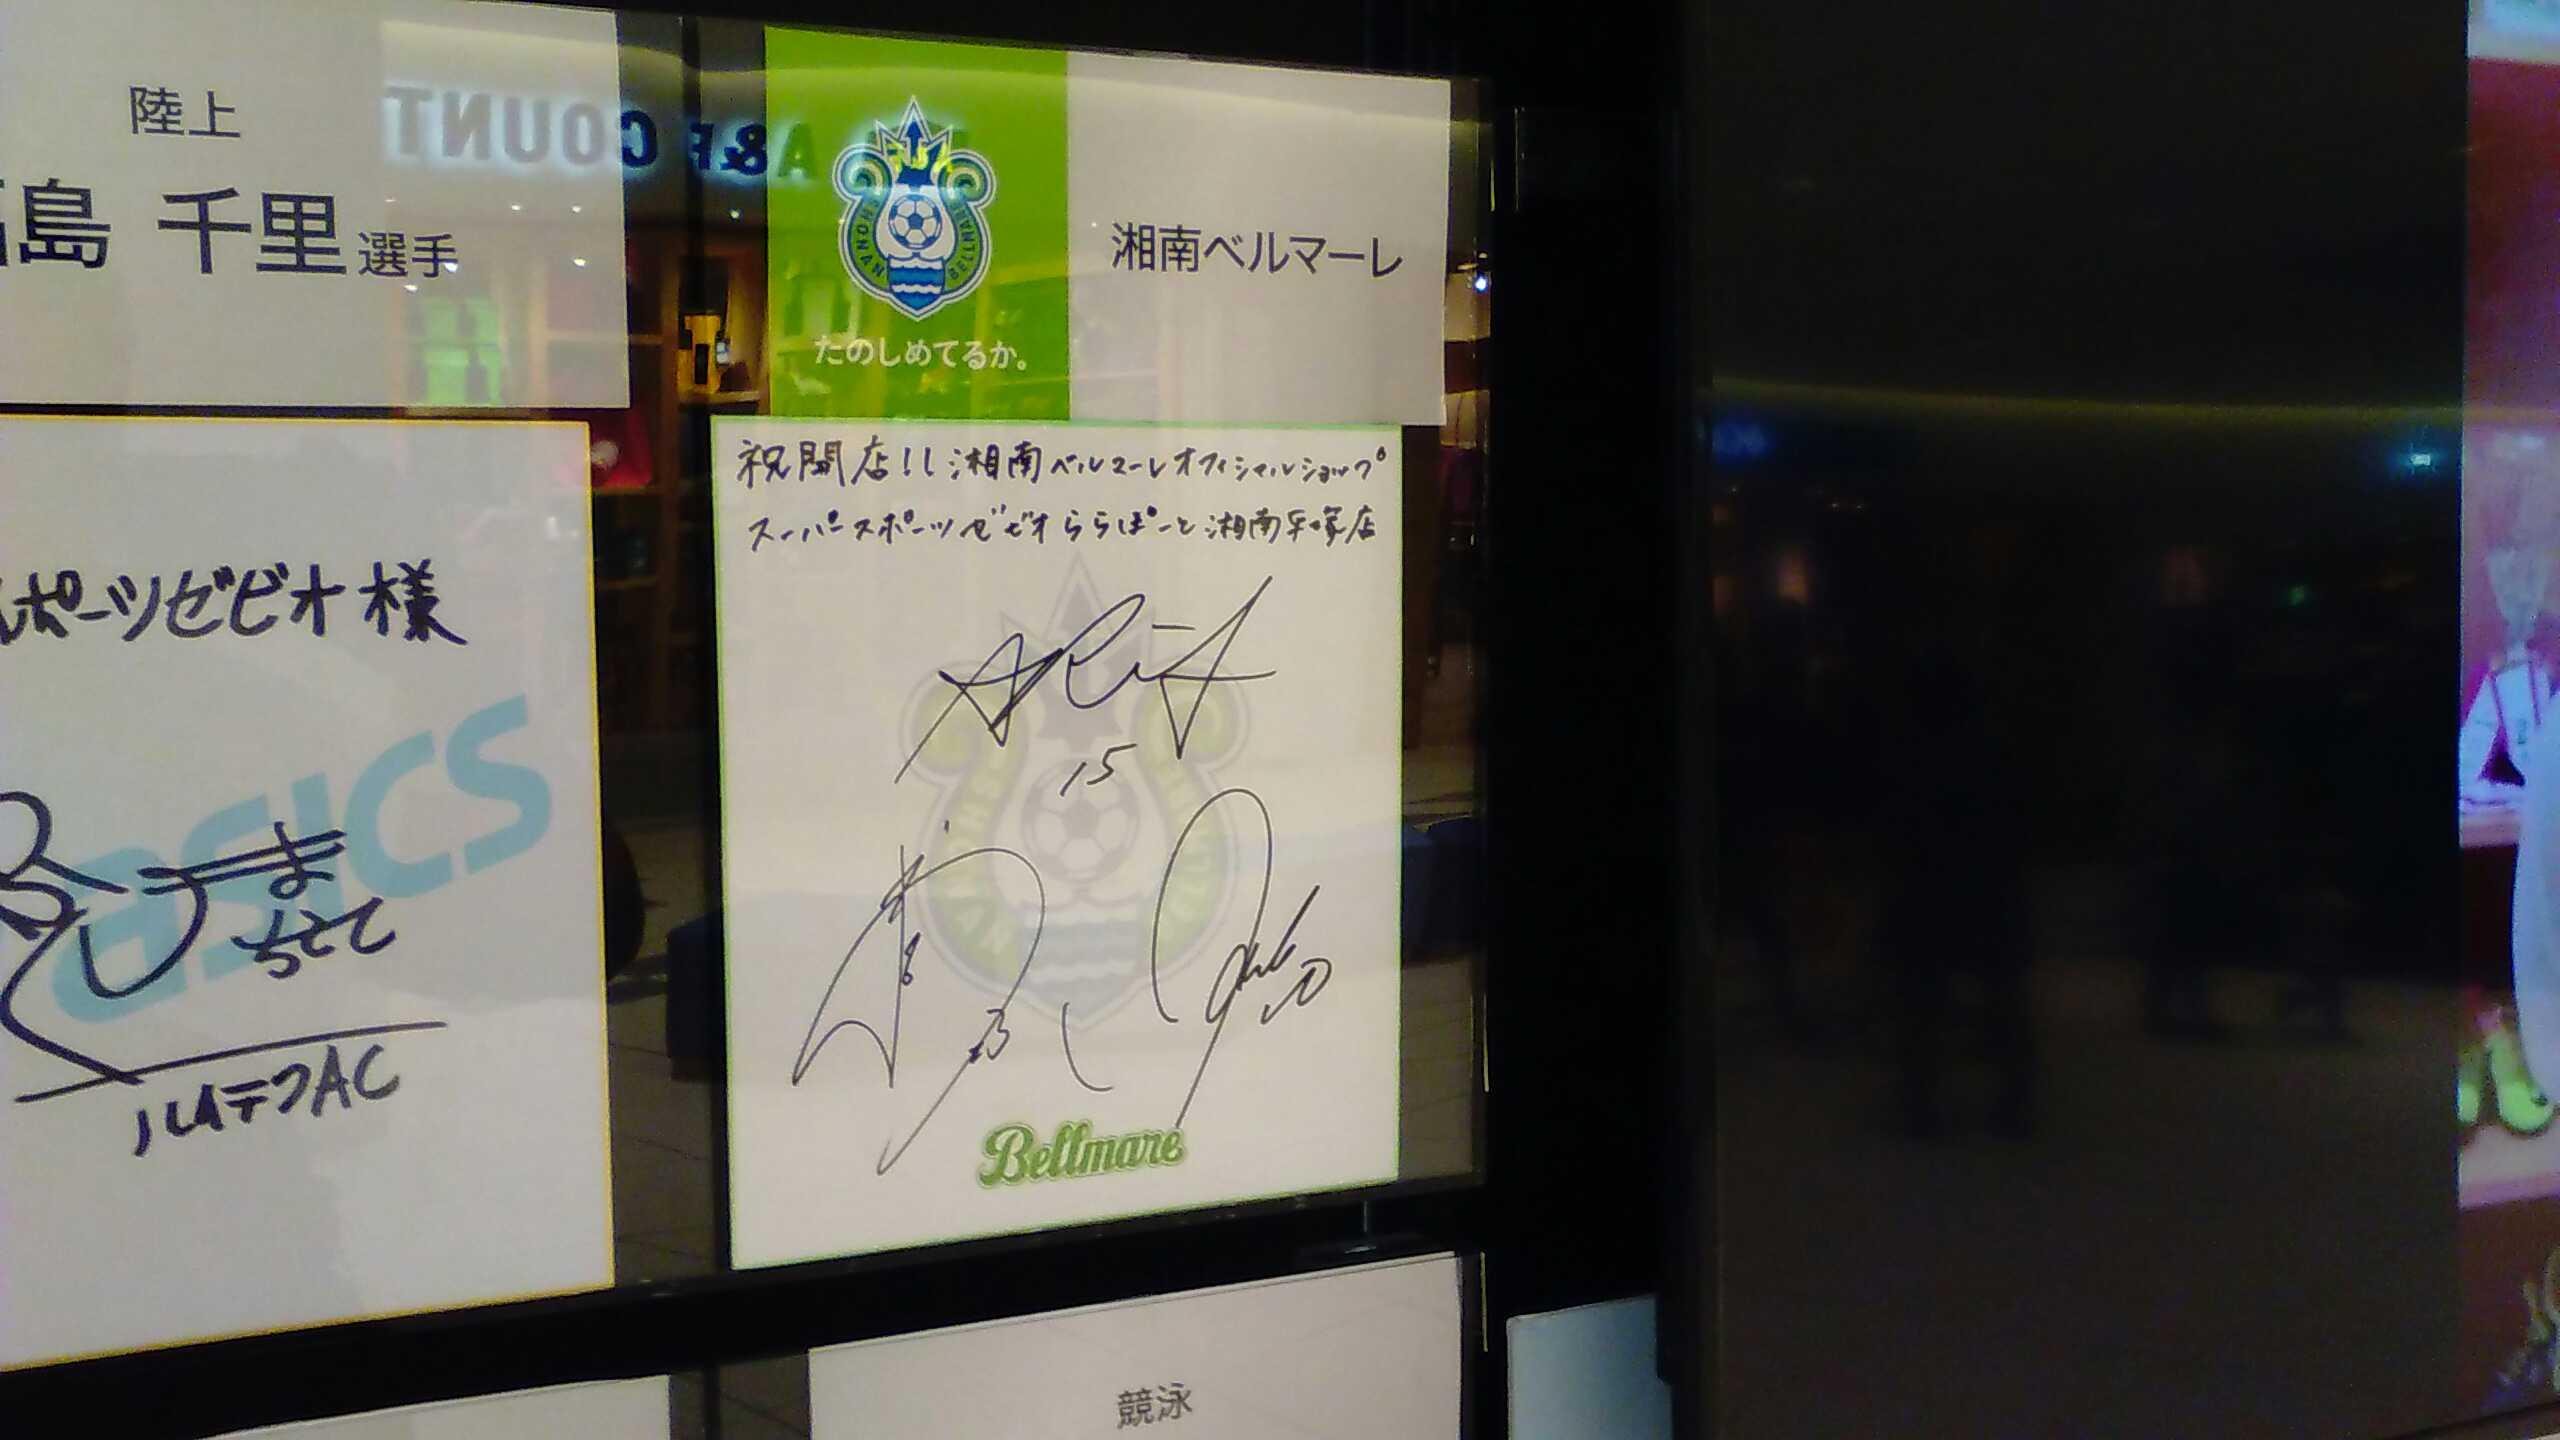 店舗の外にもサイン